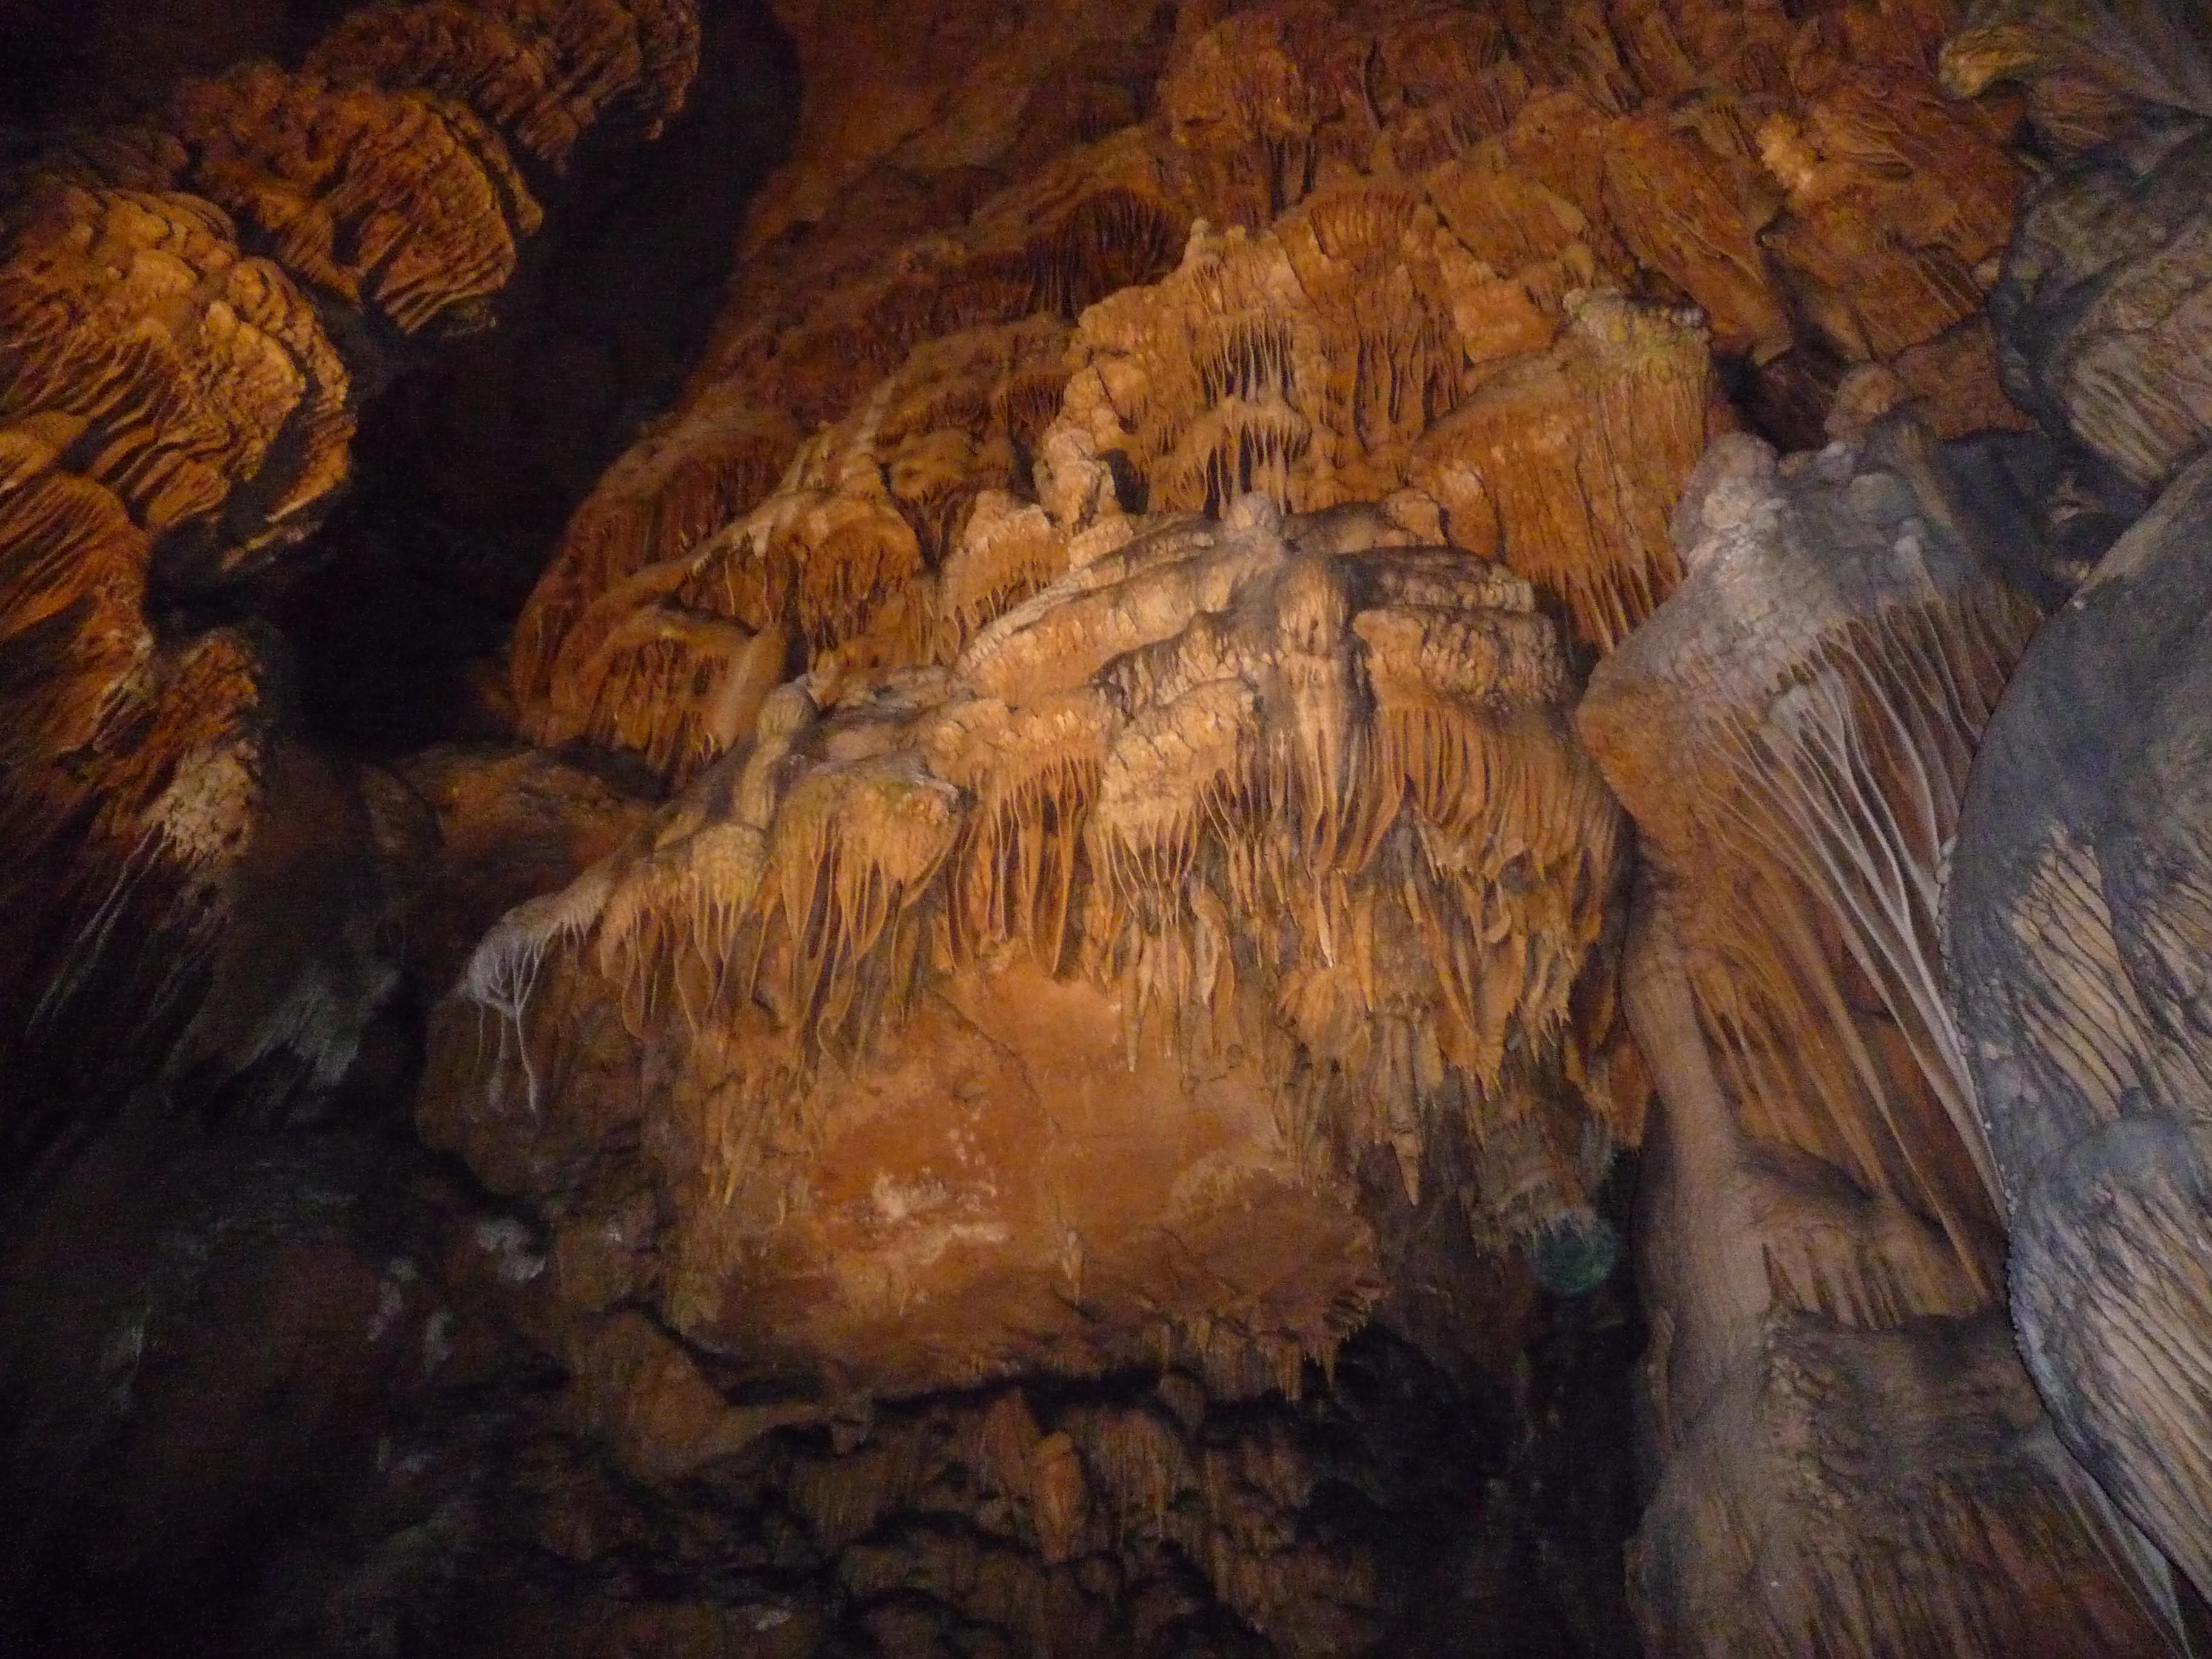 1210-grotte_des_demoiselles-saint-bauzille-de-putois-herault.jpg